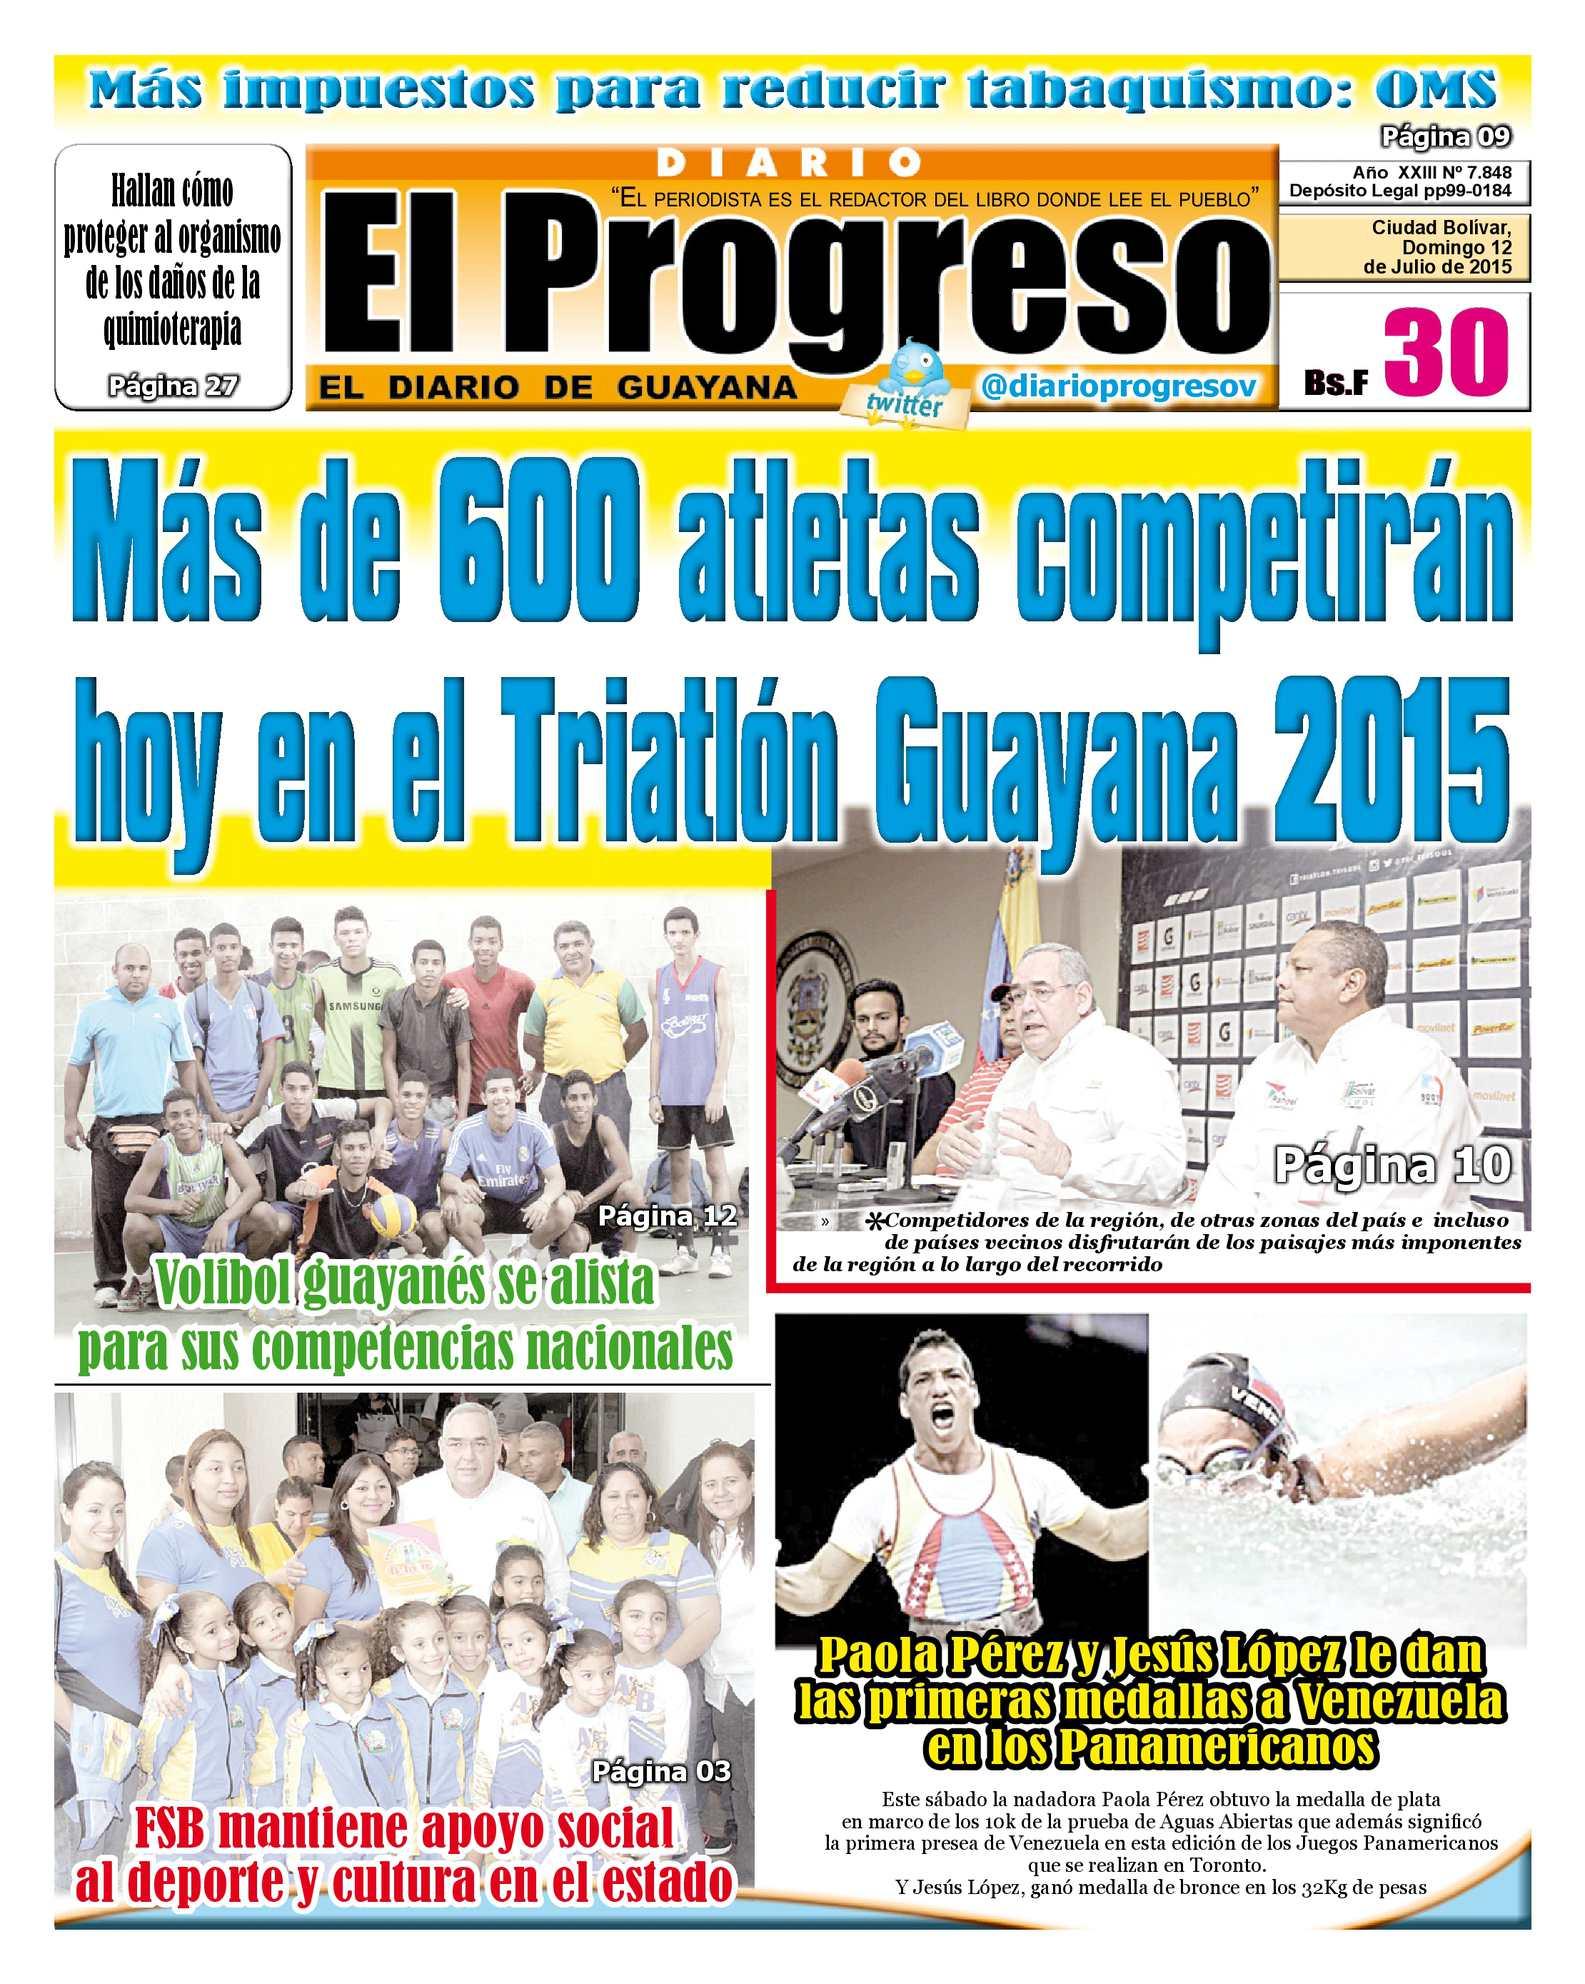 Calaméo - DiarioelprogresoEDICÓNDIGITAL 12-07-2015